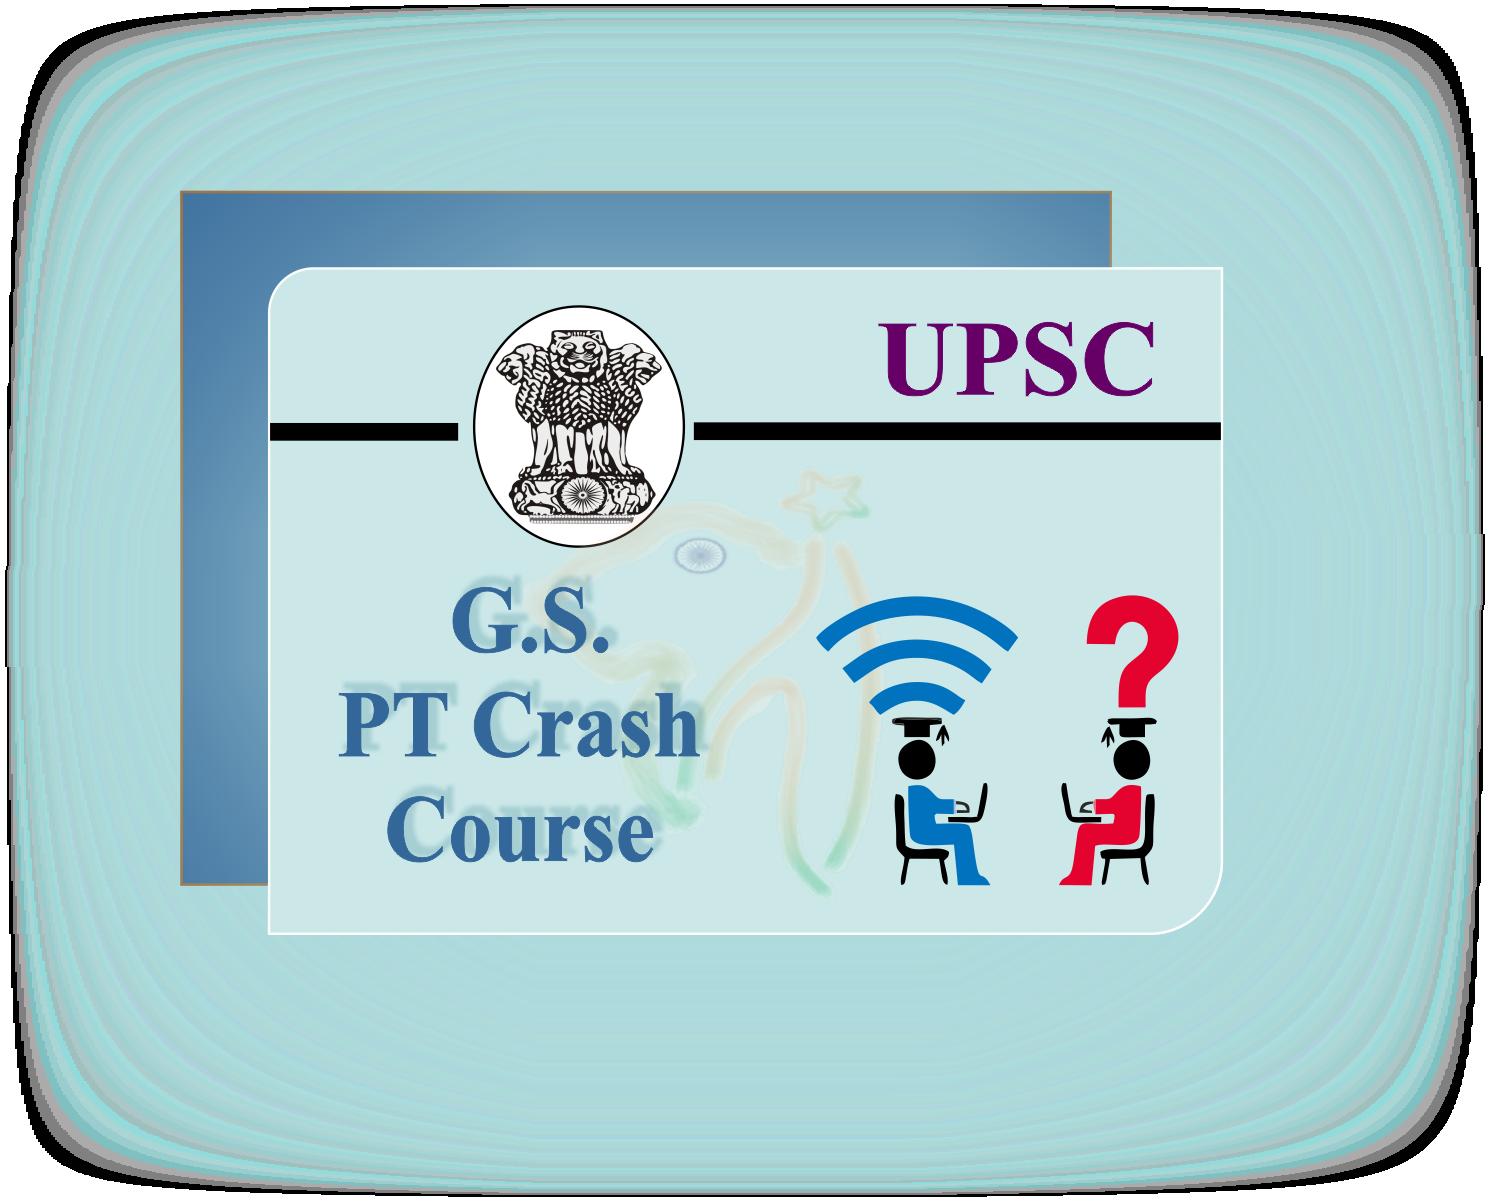 UPSC GS PT Crash Course